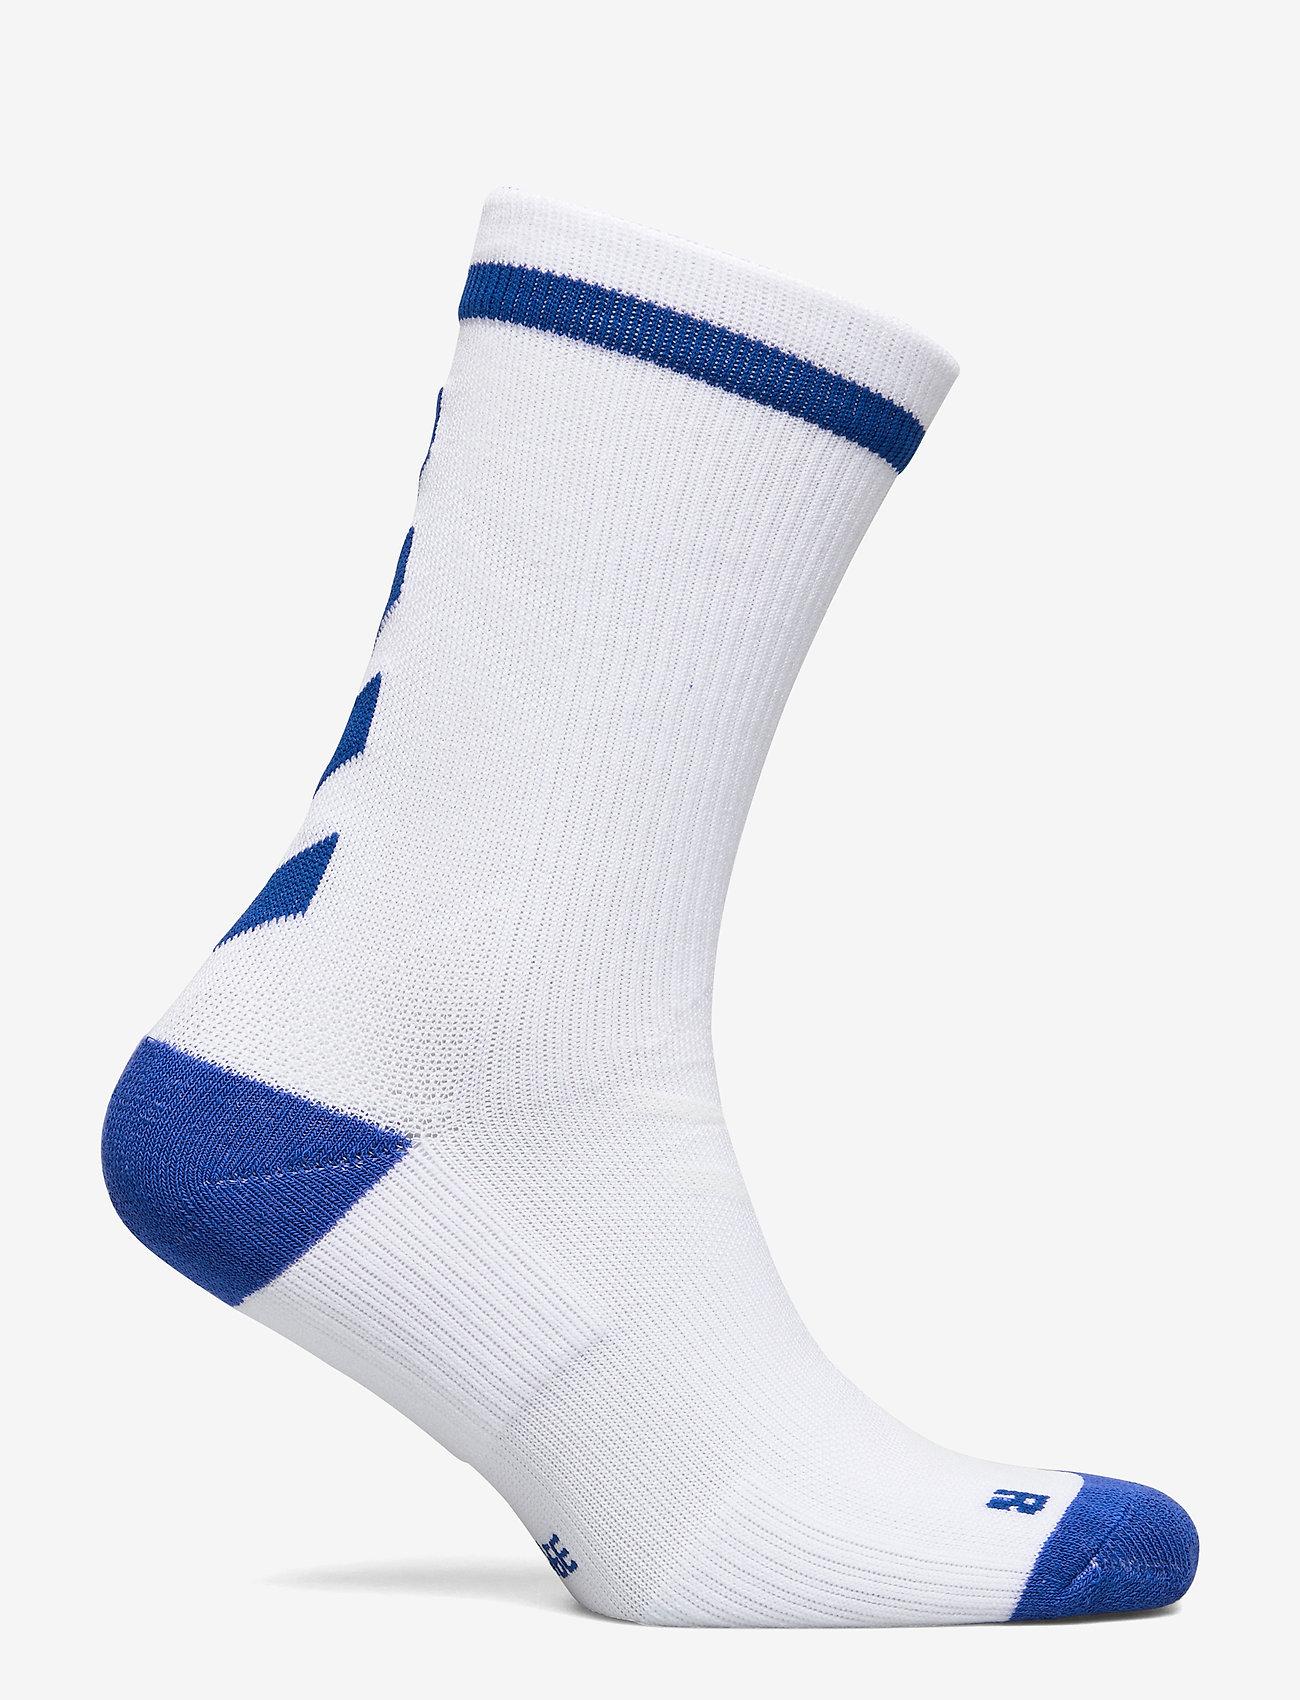 Hummel - ELITE INDOOR SOCK LOW - jalkapallosukat - white/true blue - 1